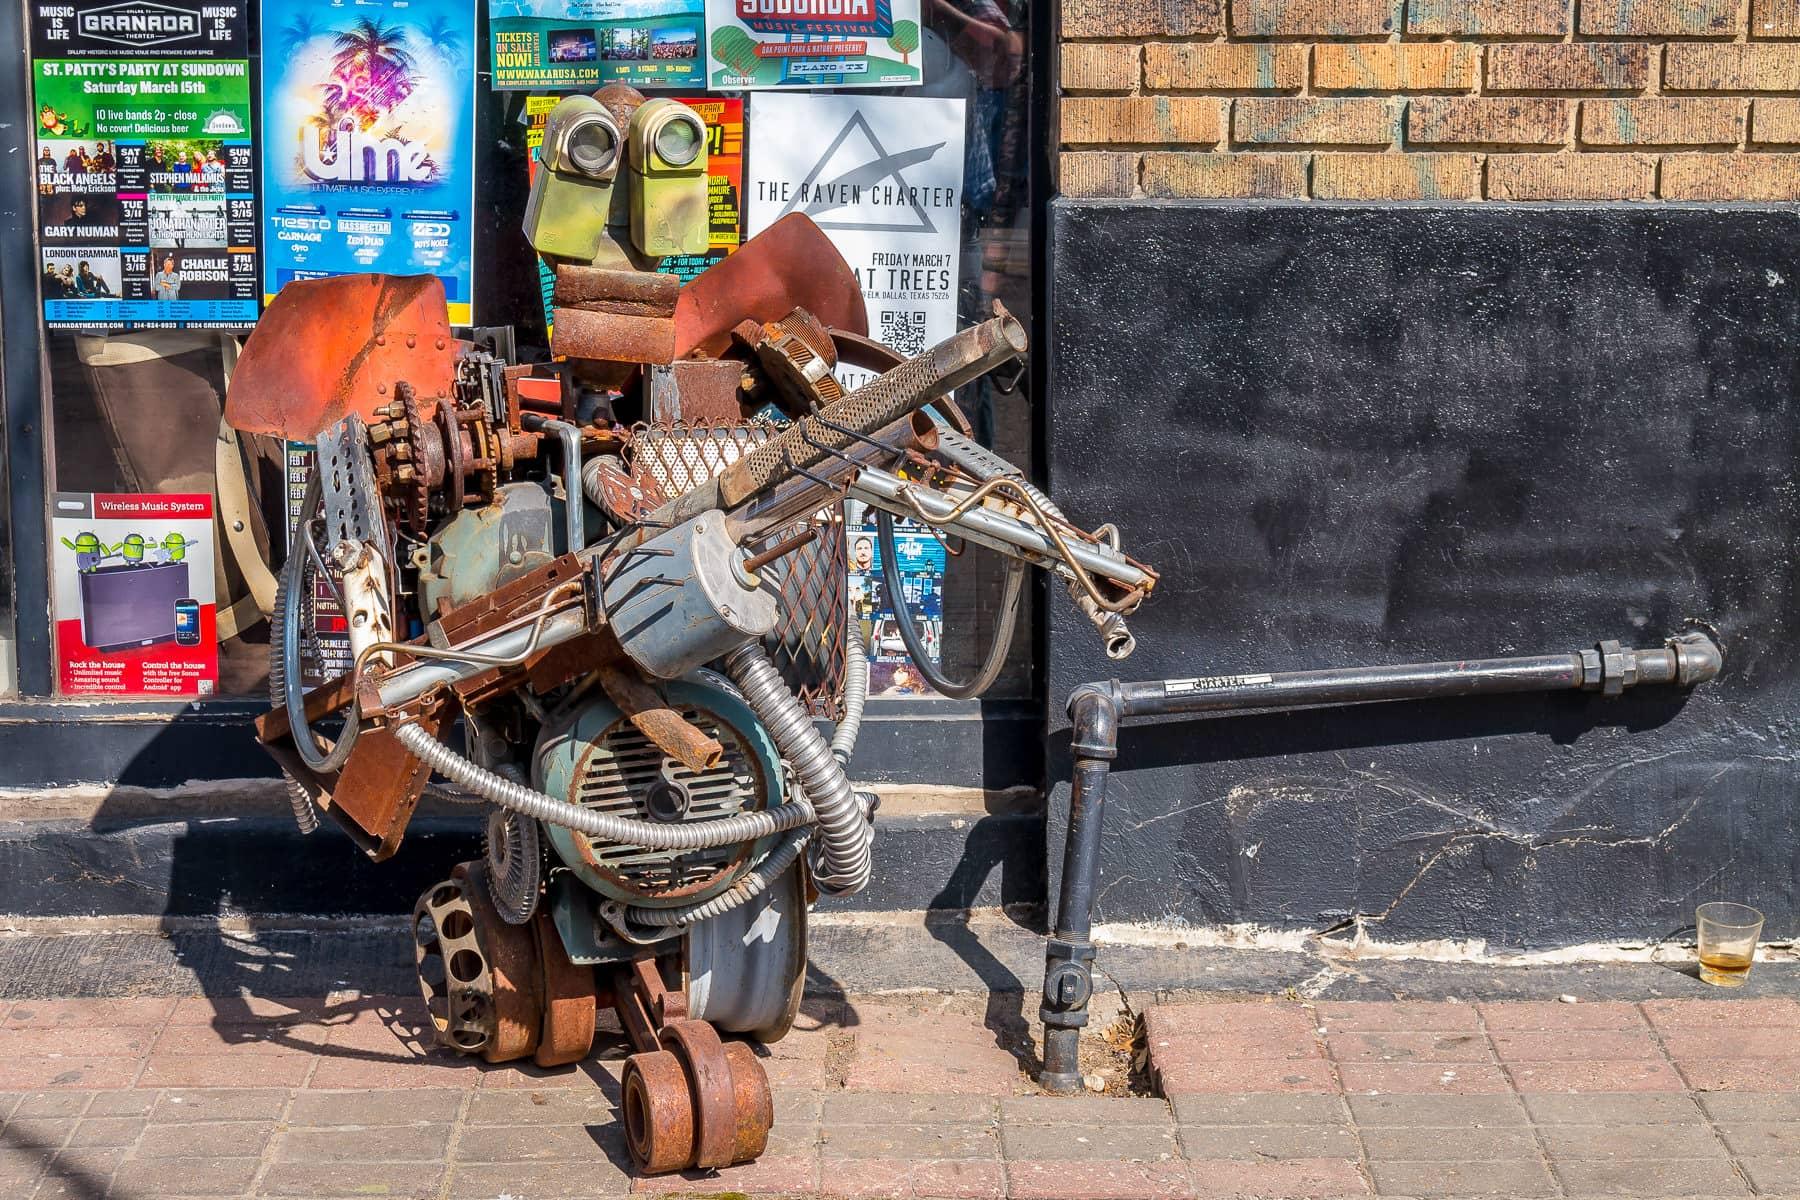 A street art sculpture made of old junk found in Dallas' Deep Ellum neighborhood.